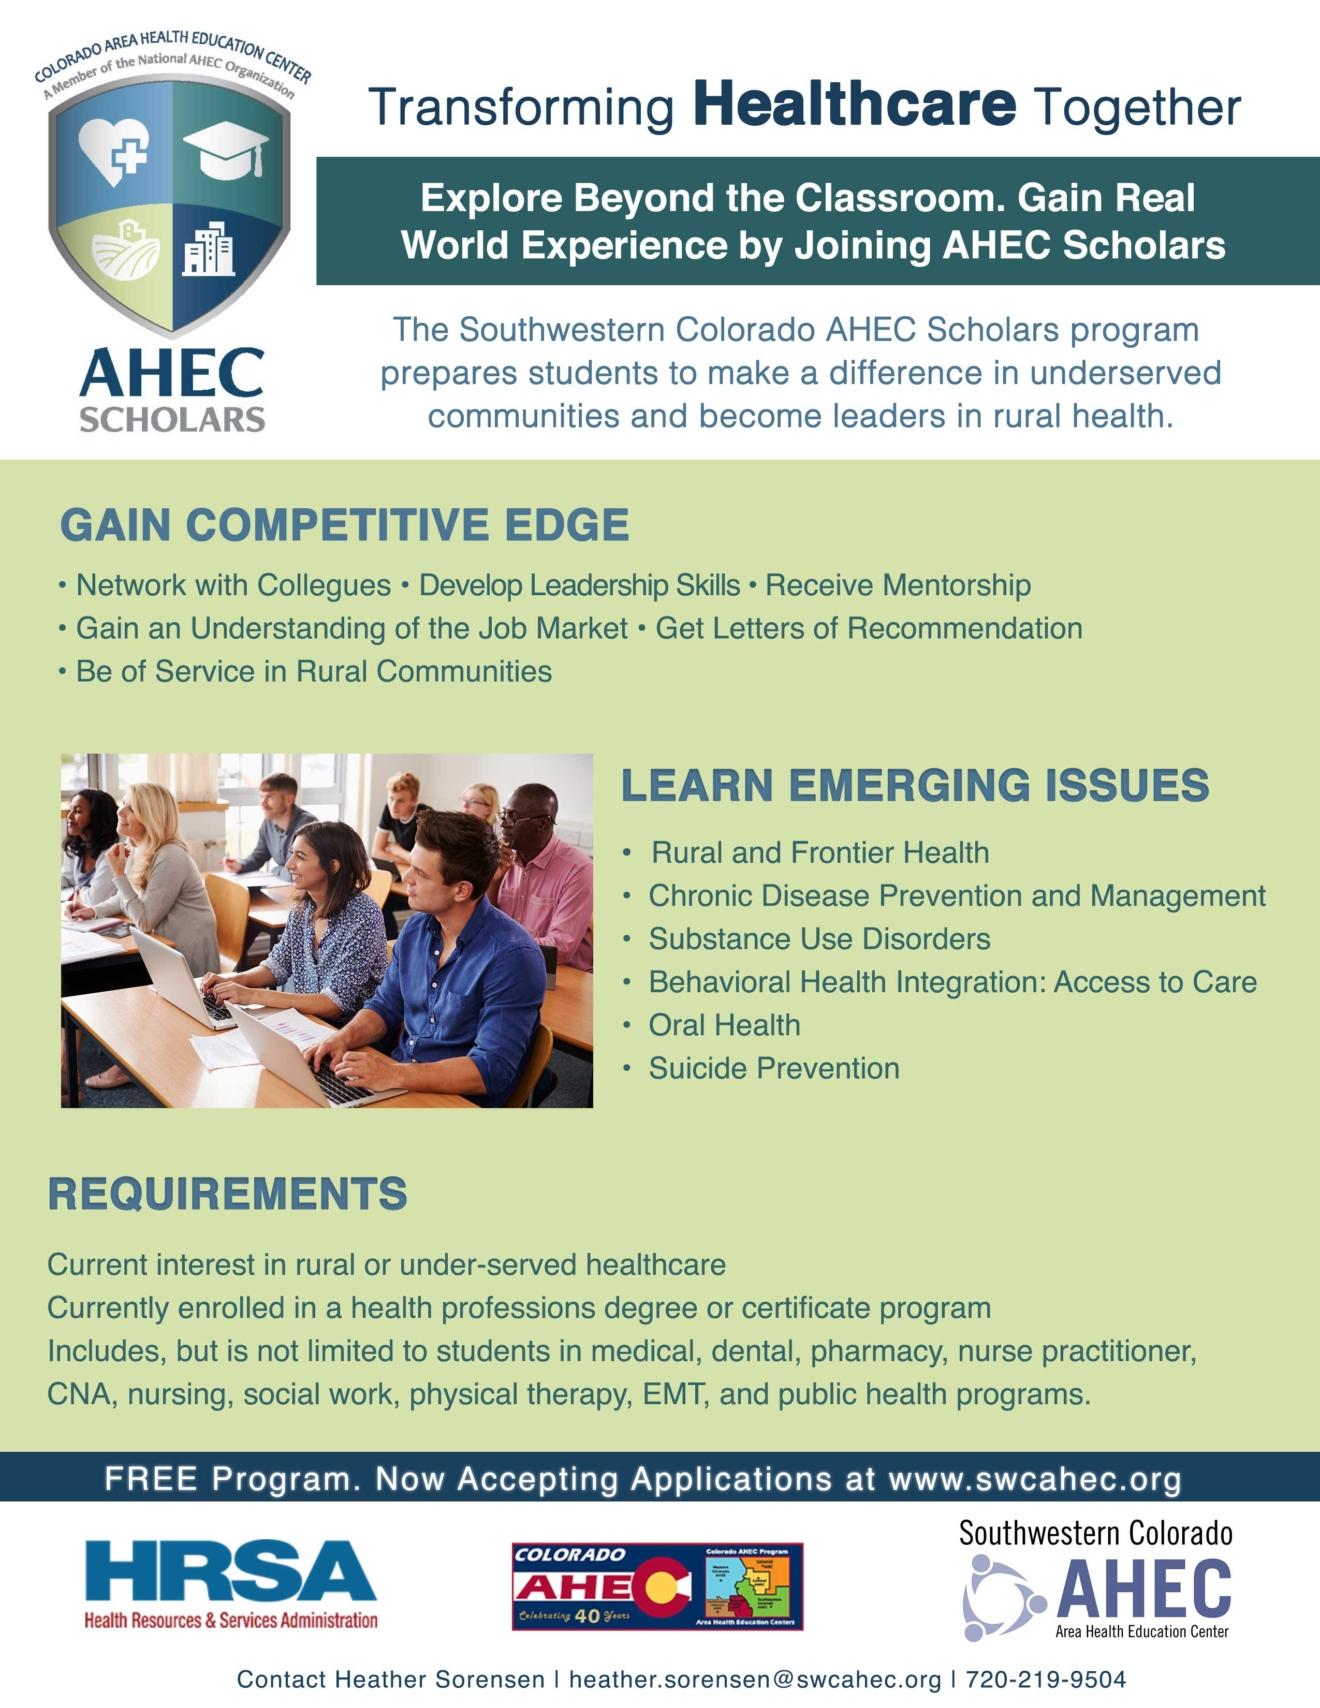 ahec-scholars-flyer-2019-11.6.19-(VS2)